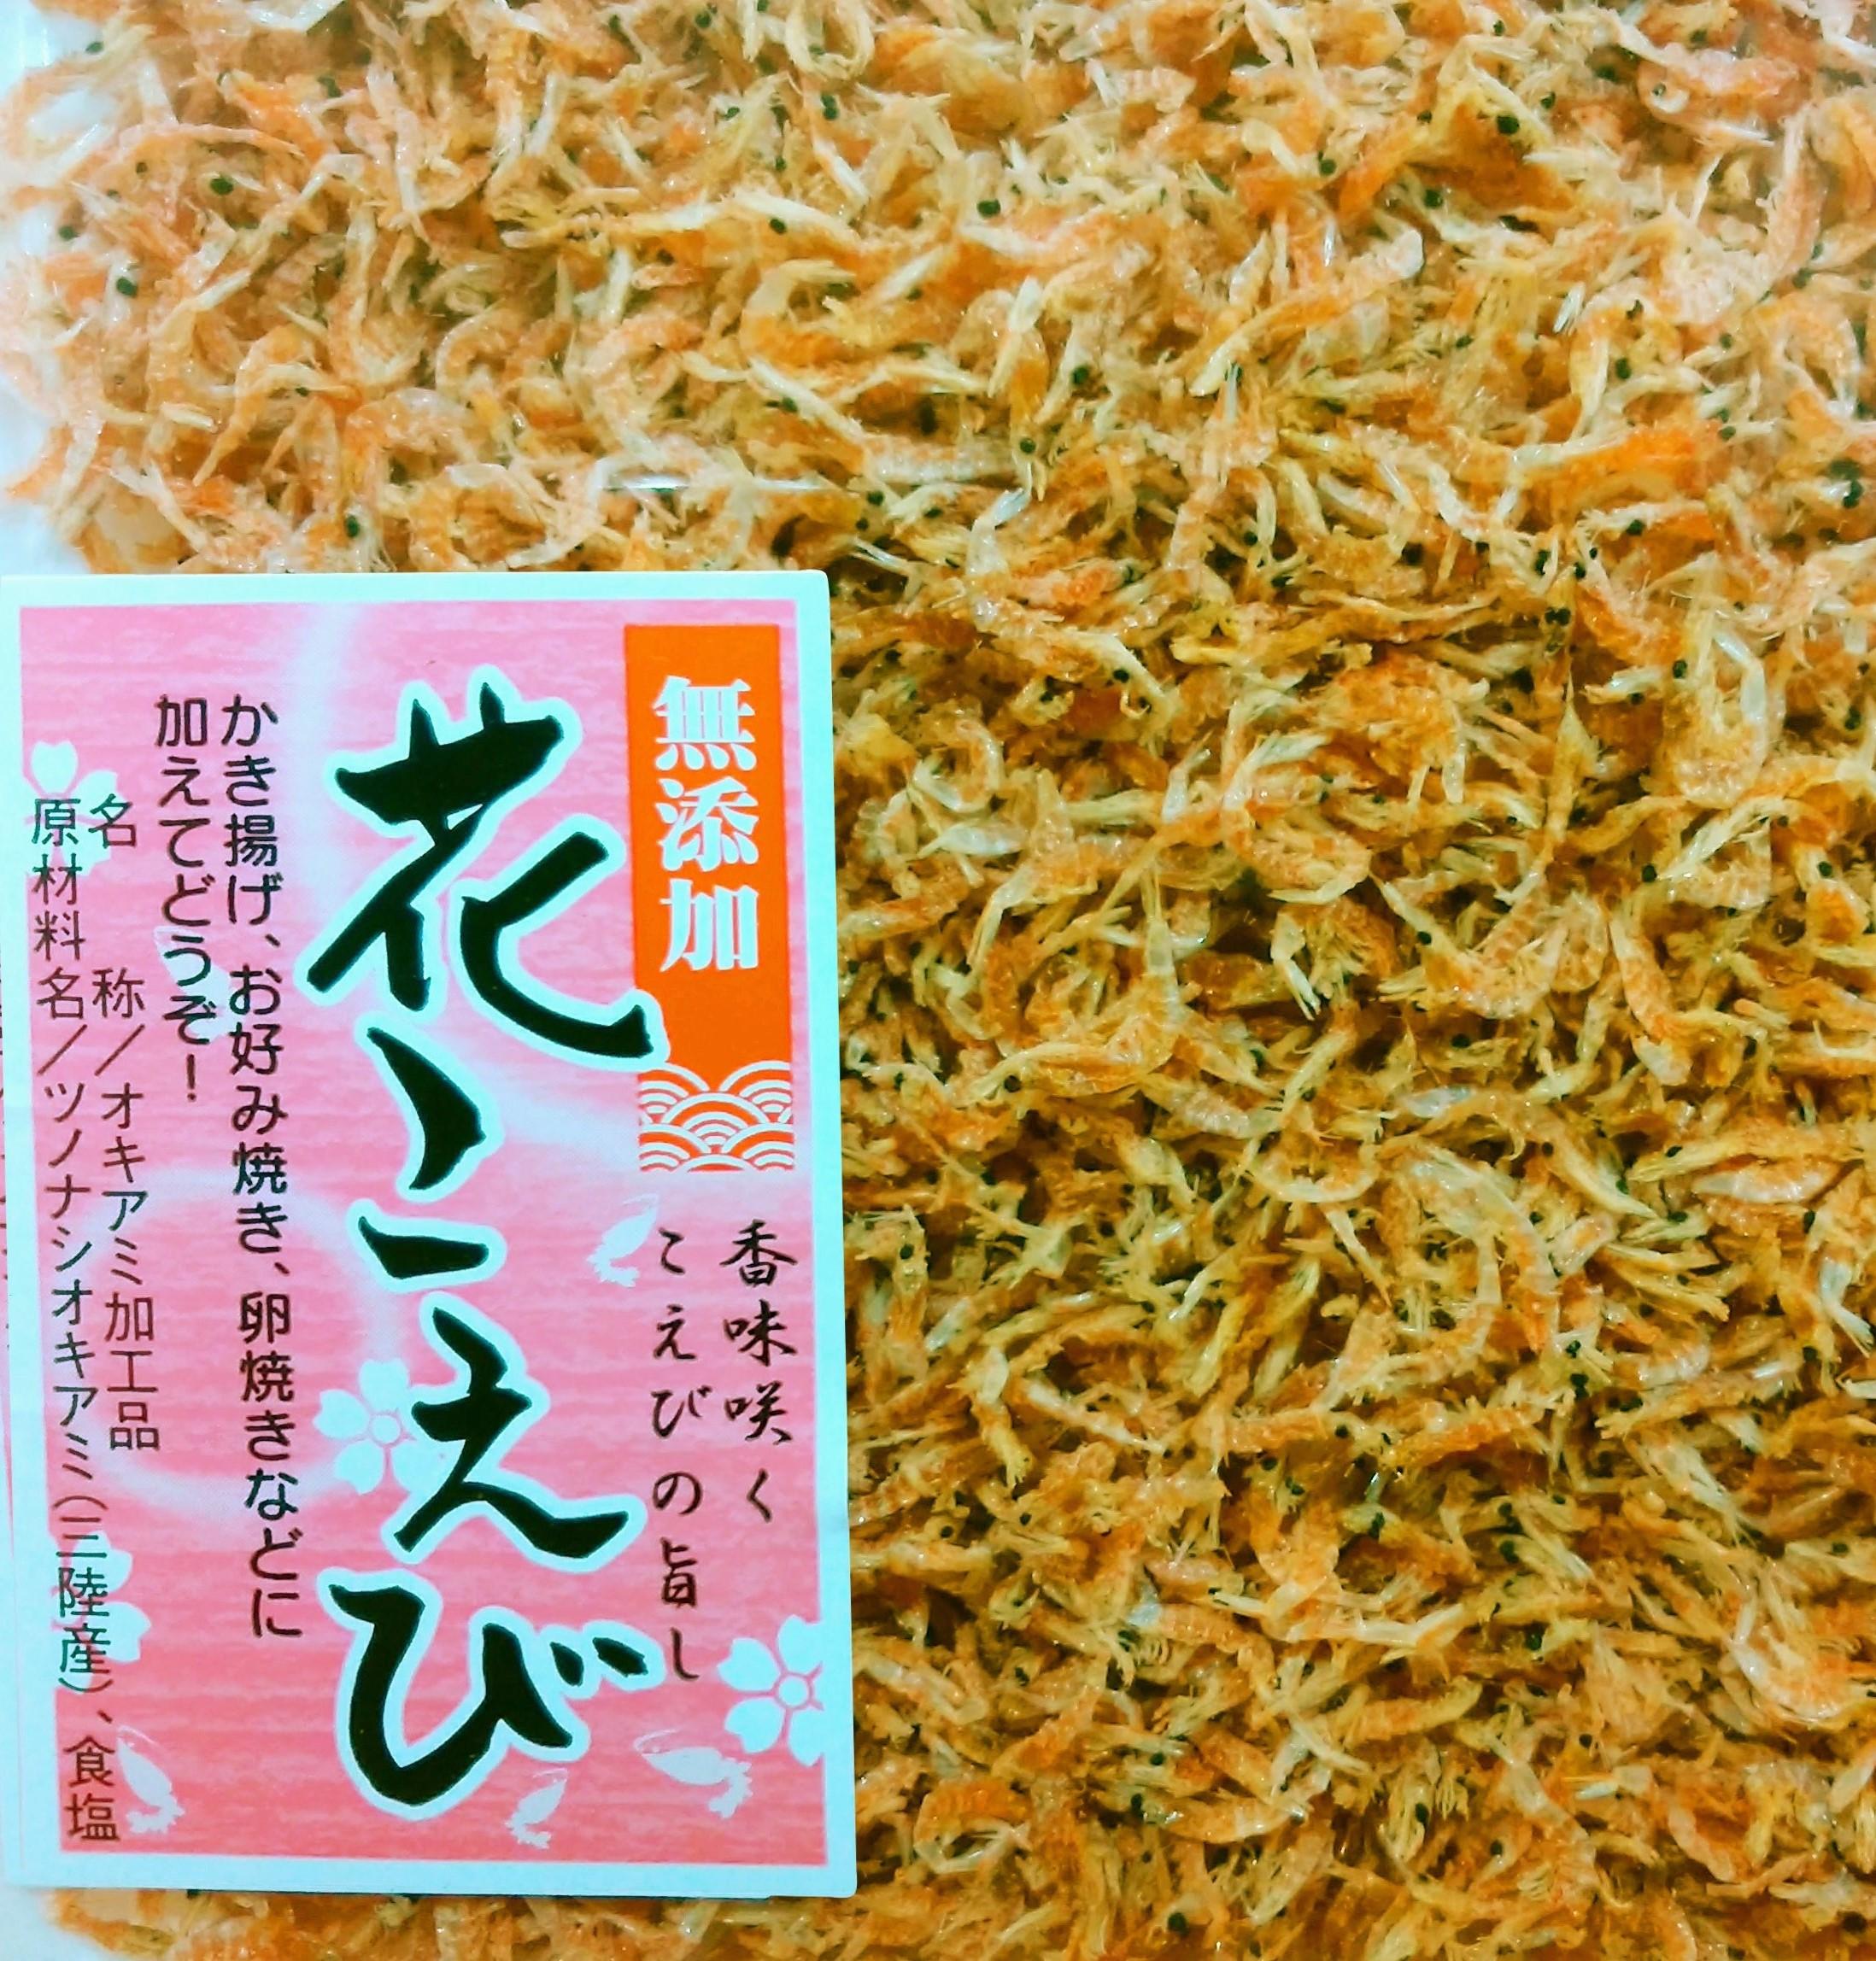 茨木市のたこ焼き店、摂津 たこや貴族。オキアミ。